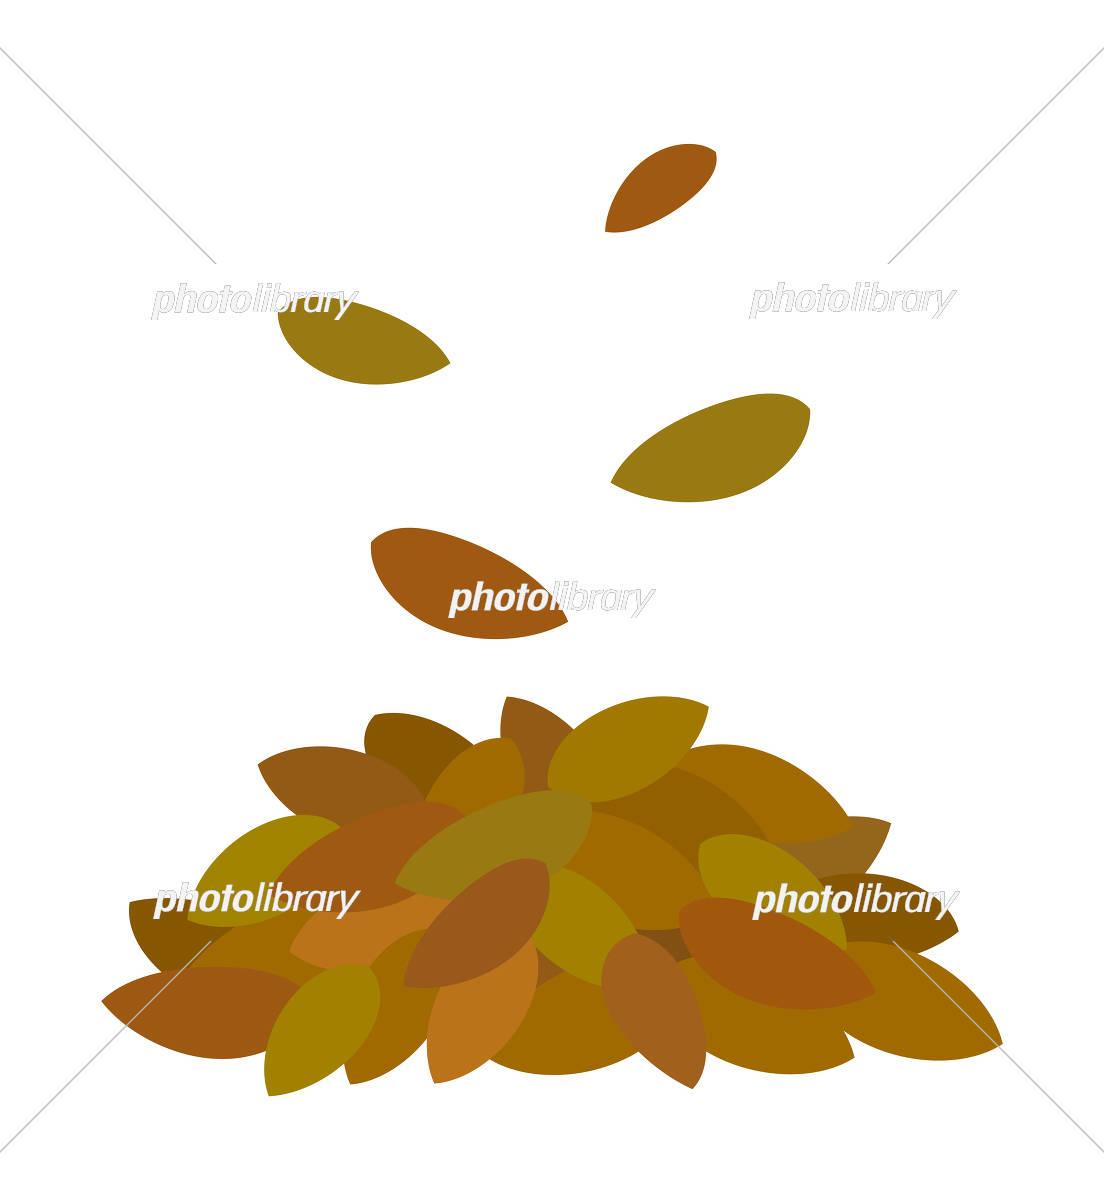 枯れ葉の山 イラスト素材 5920082 フォトライブラリー Photolibrary